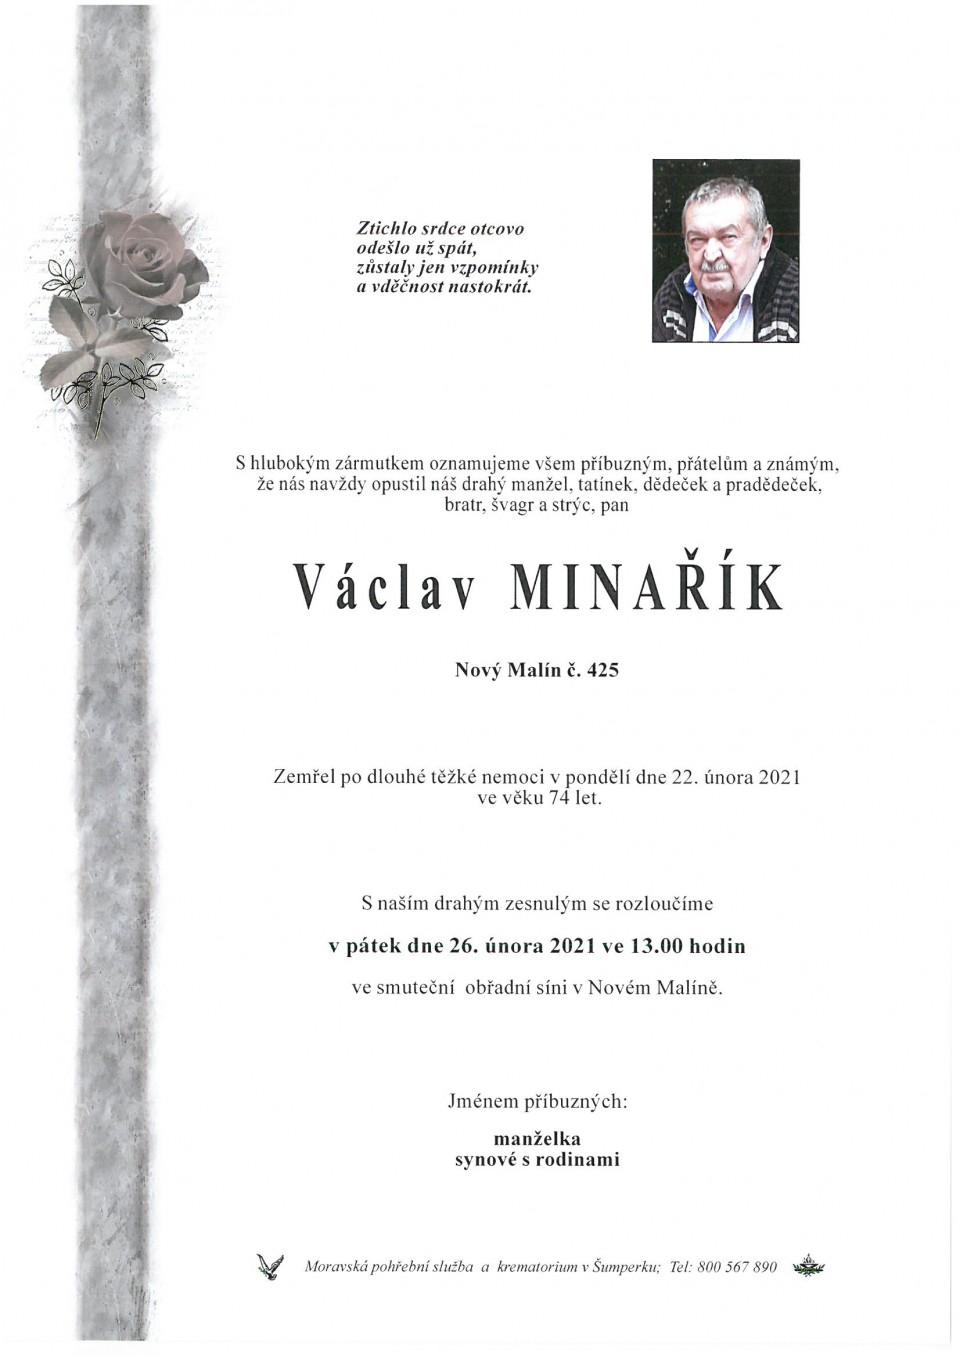 Václav Minařík.jpg